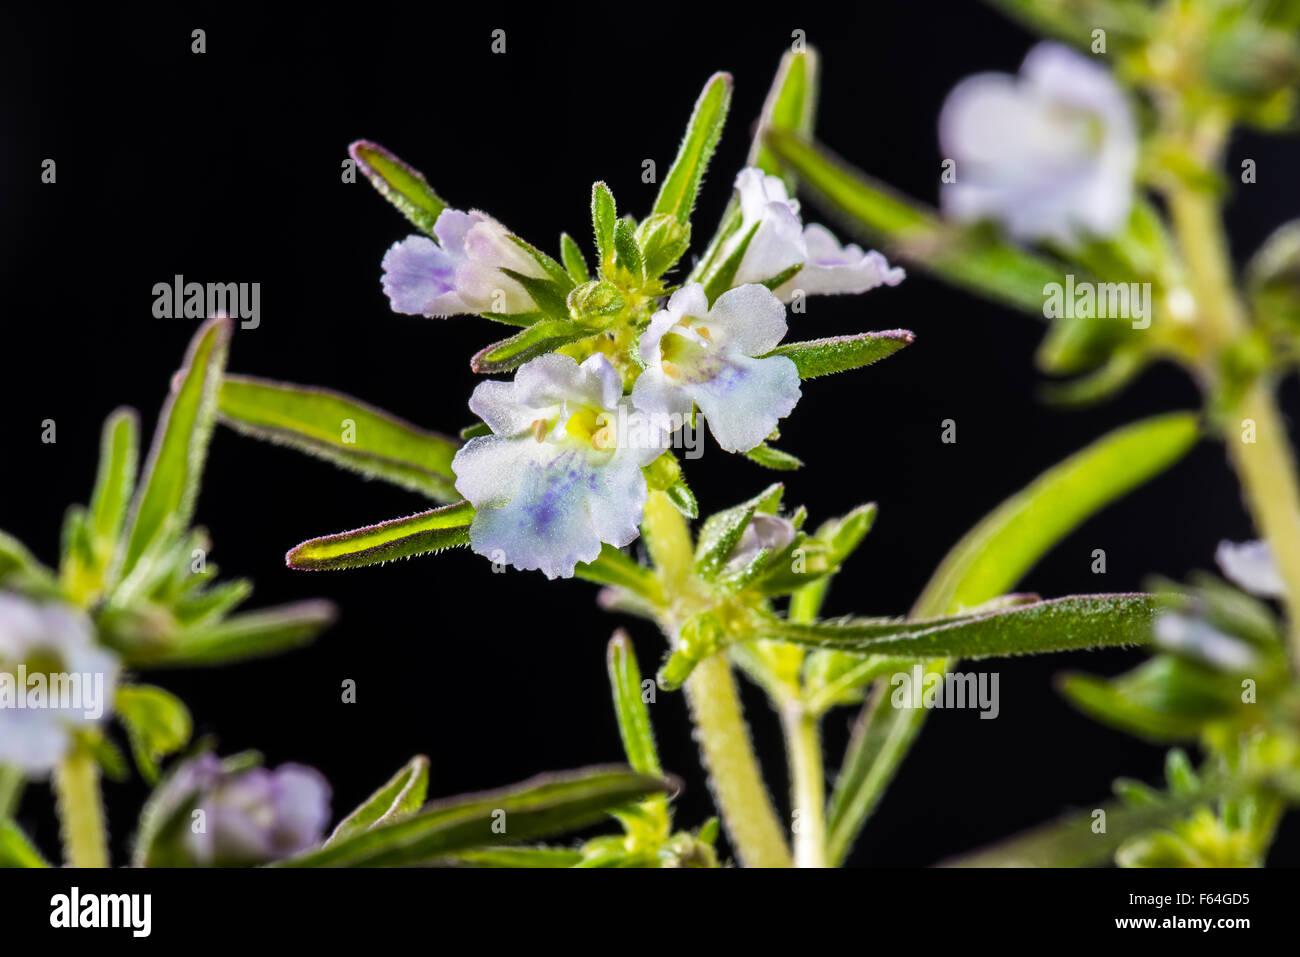 Il salato, spezie e condimenti, bloom, fioritura, in Bloom, vegetali, oli essenziali, fresche, erbe, erbe, verde, Immagini Stock